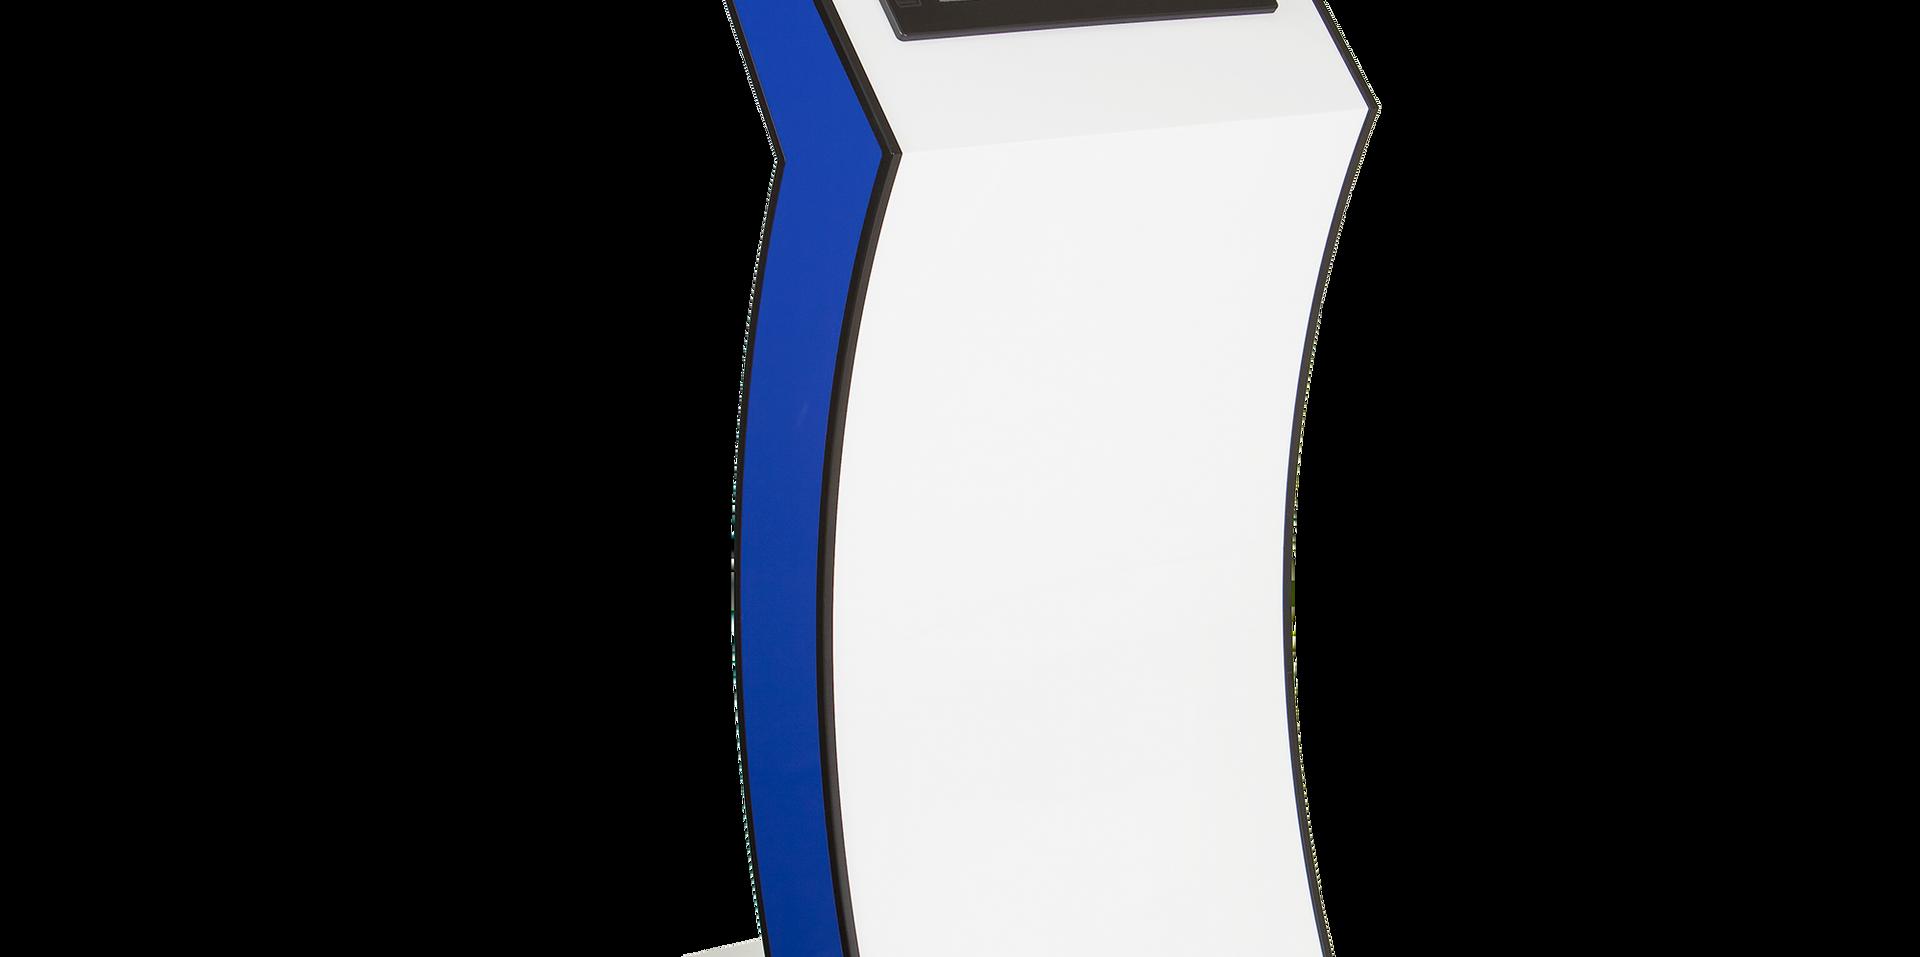 Custom floor standing kiosk